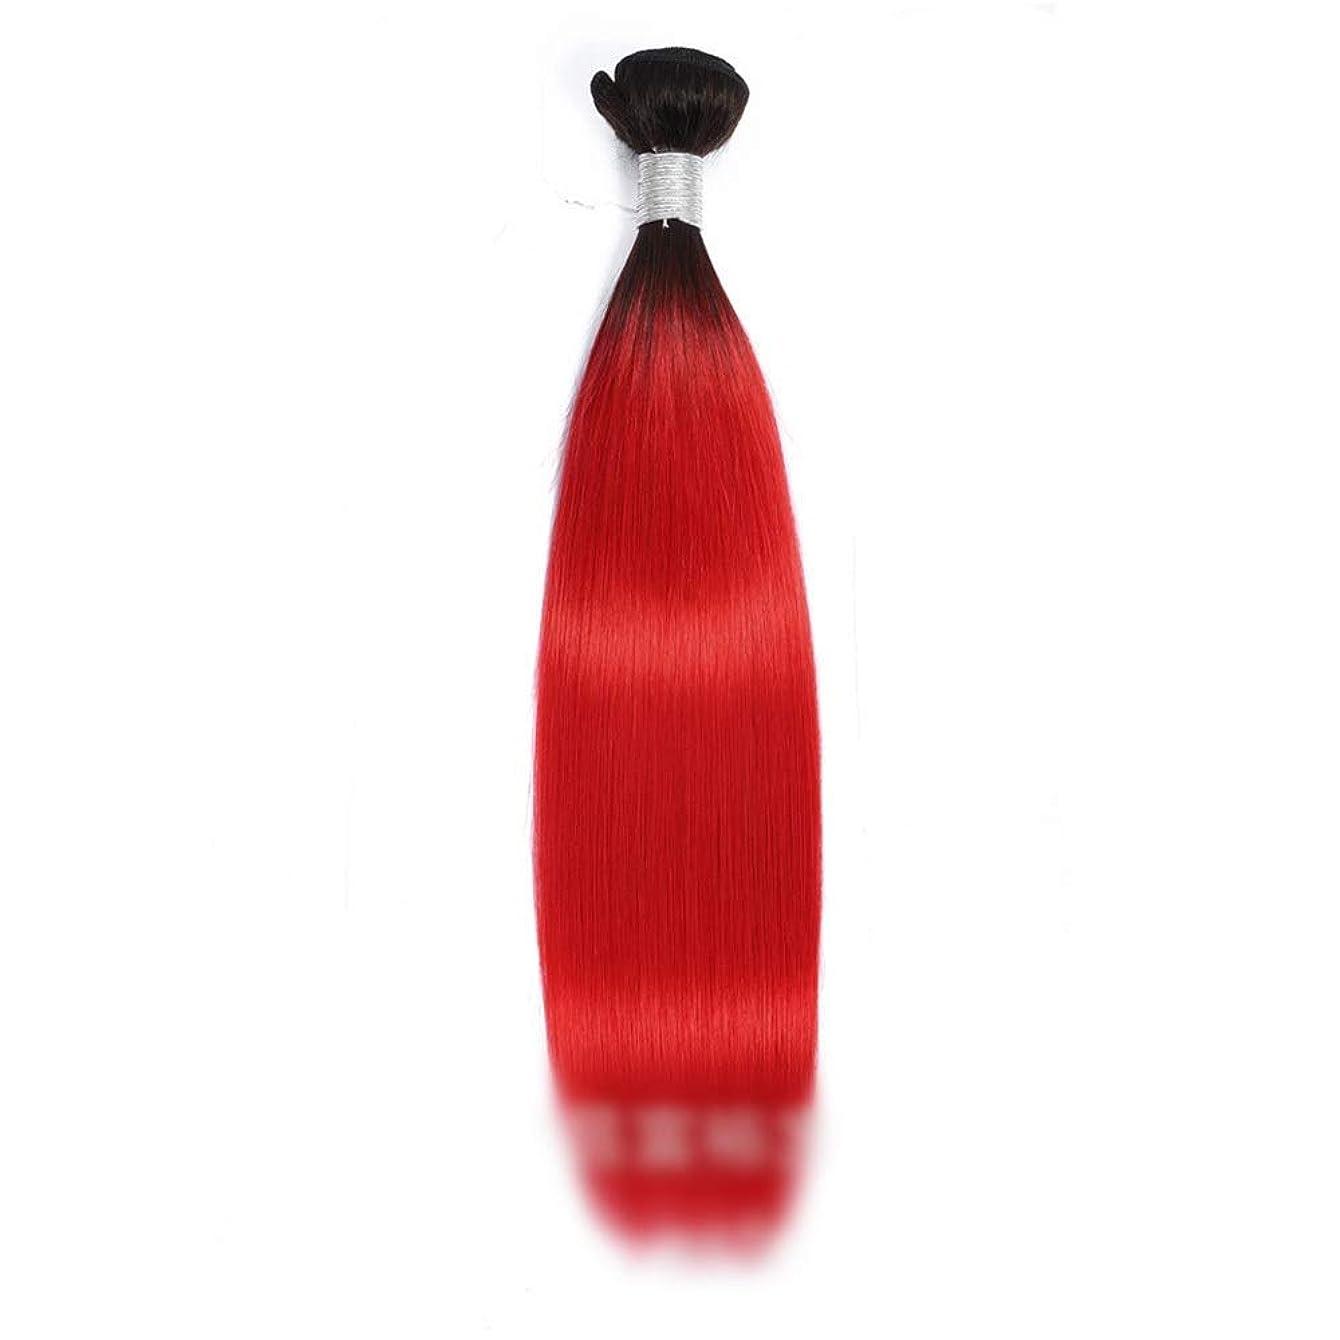 まとめる繁雑しかしBOBIDYEE 人間の髪の毛1バンドルストレートレミーヘアエクステンション人間の髪の毛の赤い二重よこ糸10-26インチロングストレートヘアウィッグ赤いかつら (色 : レッド, サイズ : 20 inch)